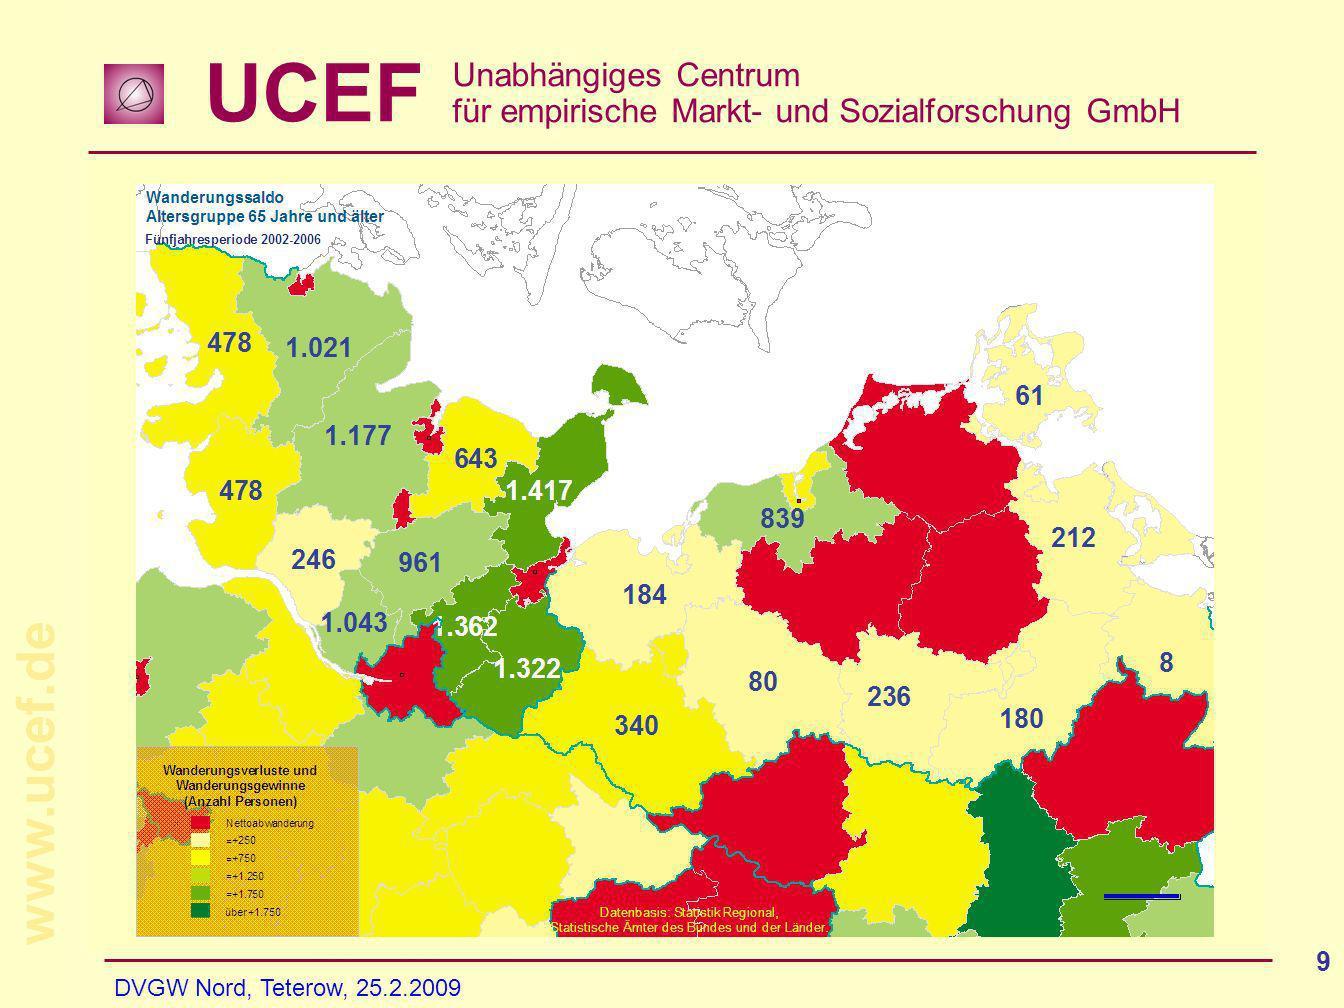 UCEF Unabhängiges Centrum für empirische Markt- und Sozialforschung GmbH www.ucef.de DVGW Nord, Teterow, 25.2.2009 9 Wanderung - Altersgruppe ab 65 Ja